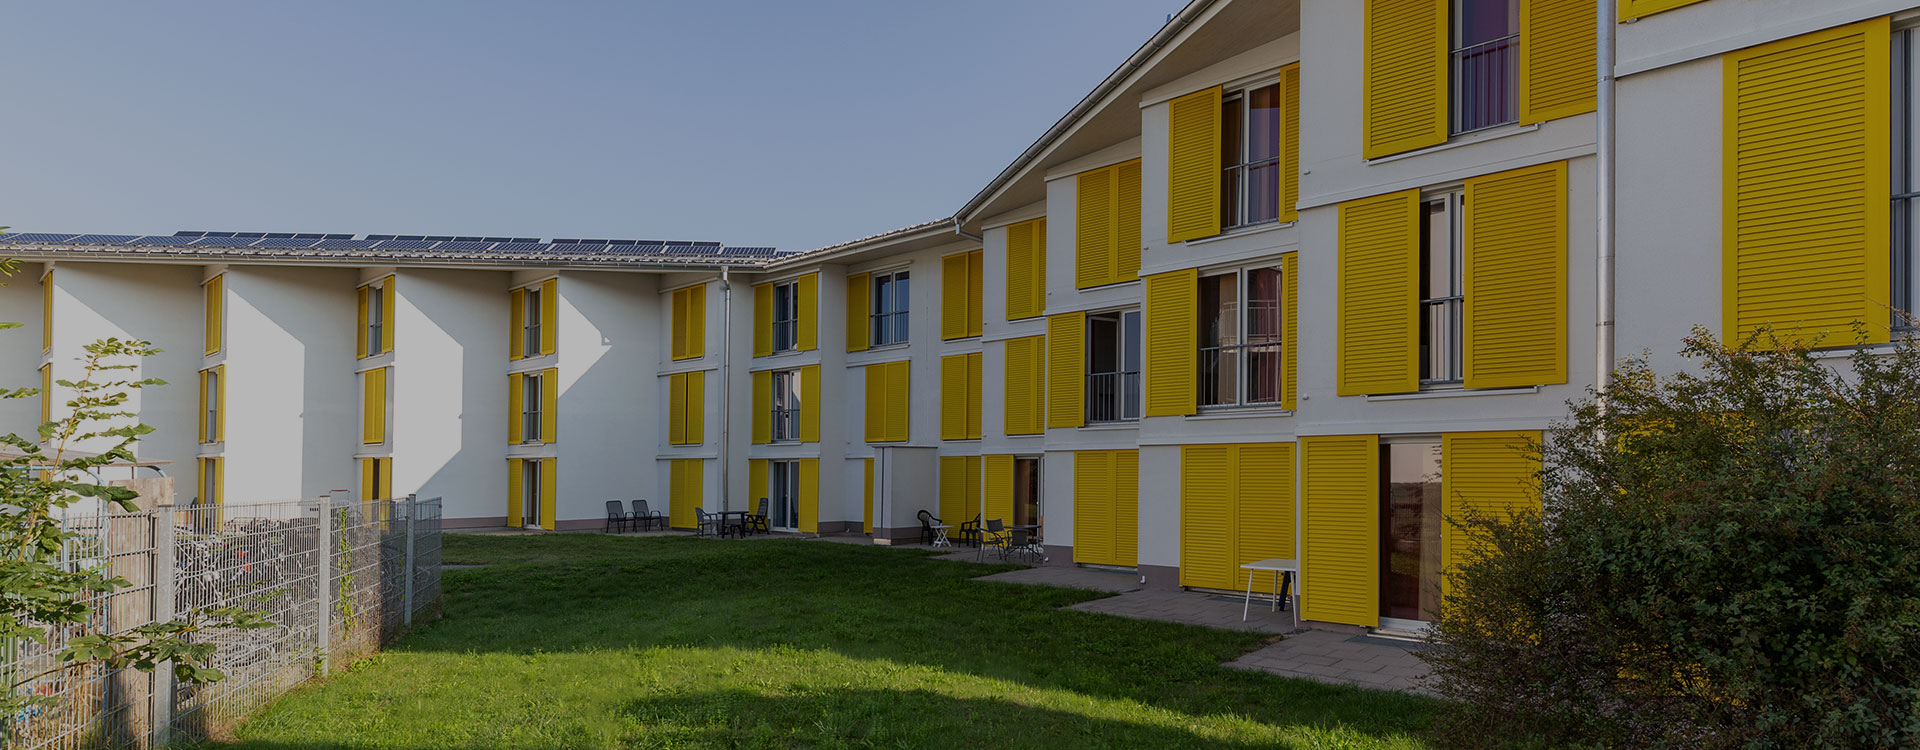 Wohnraum für Studierende - wbg